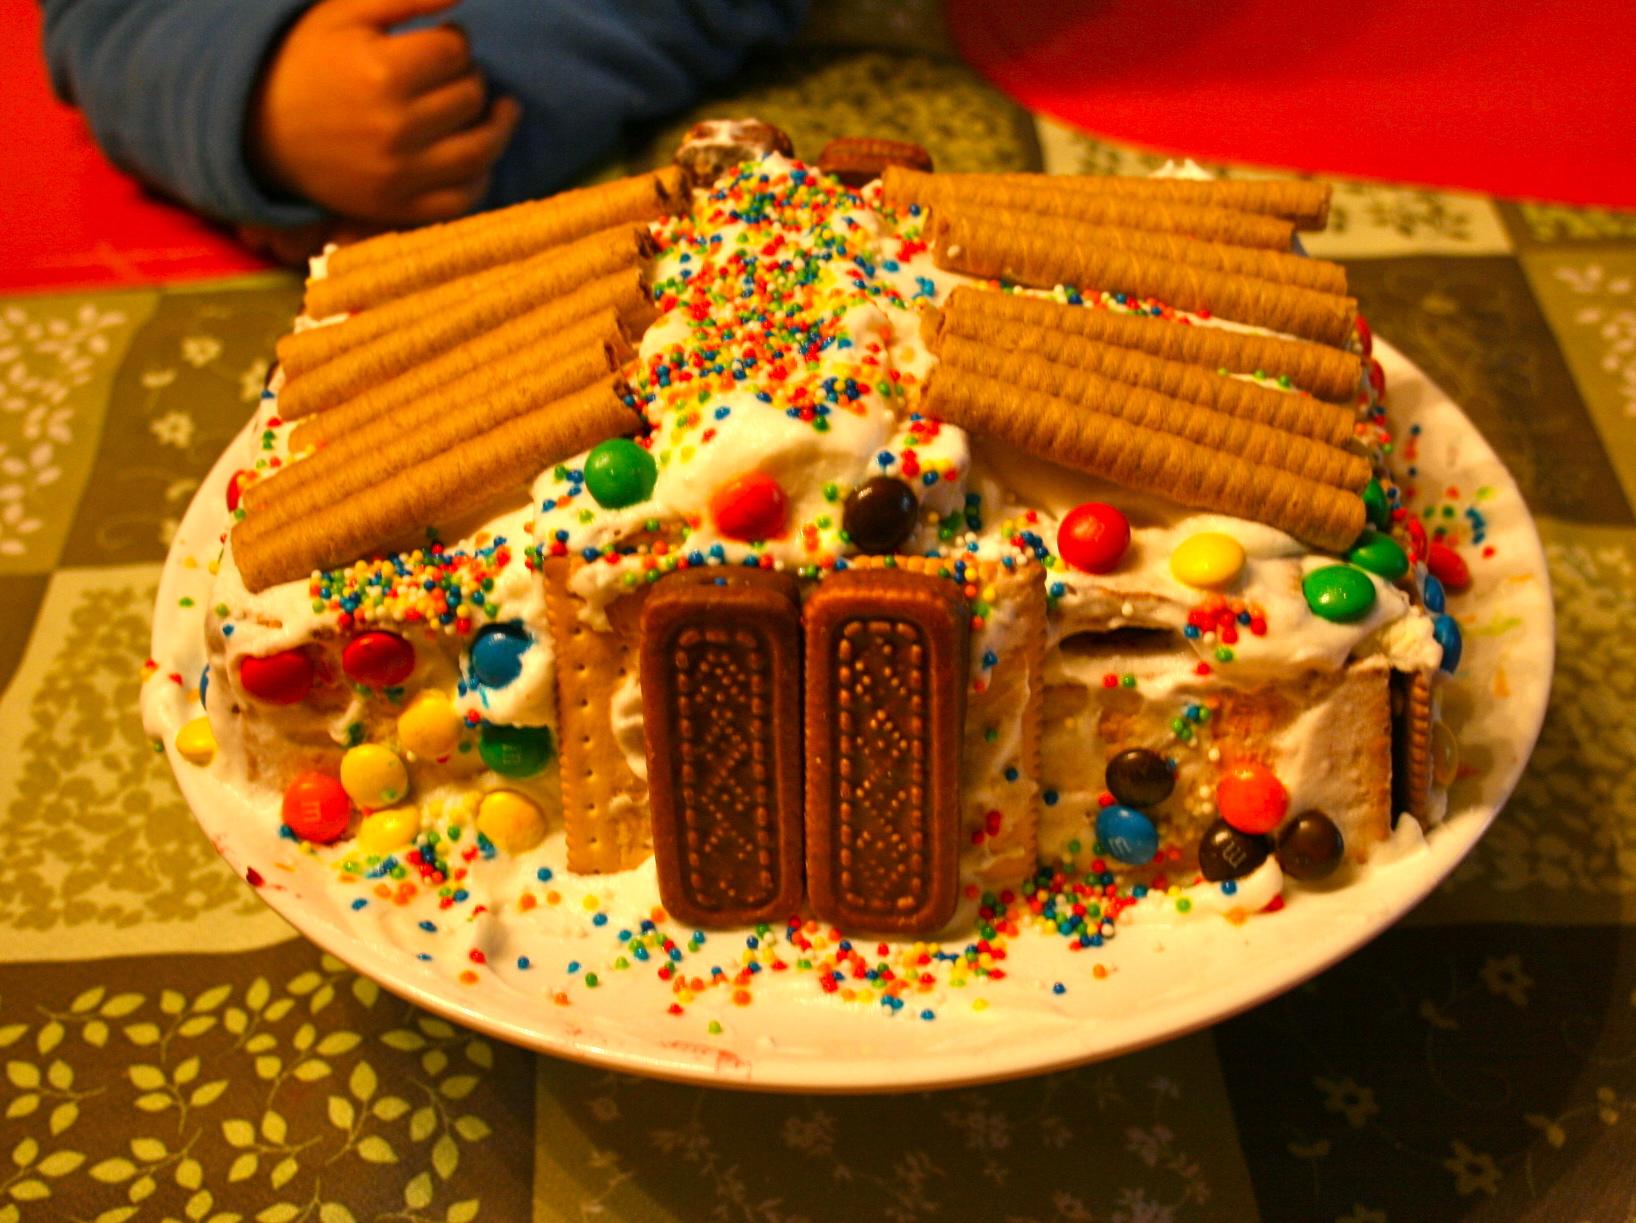 casa-hecha-la-galleta embarazada